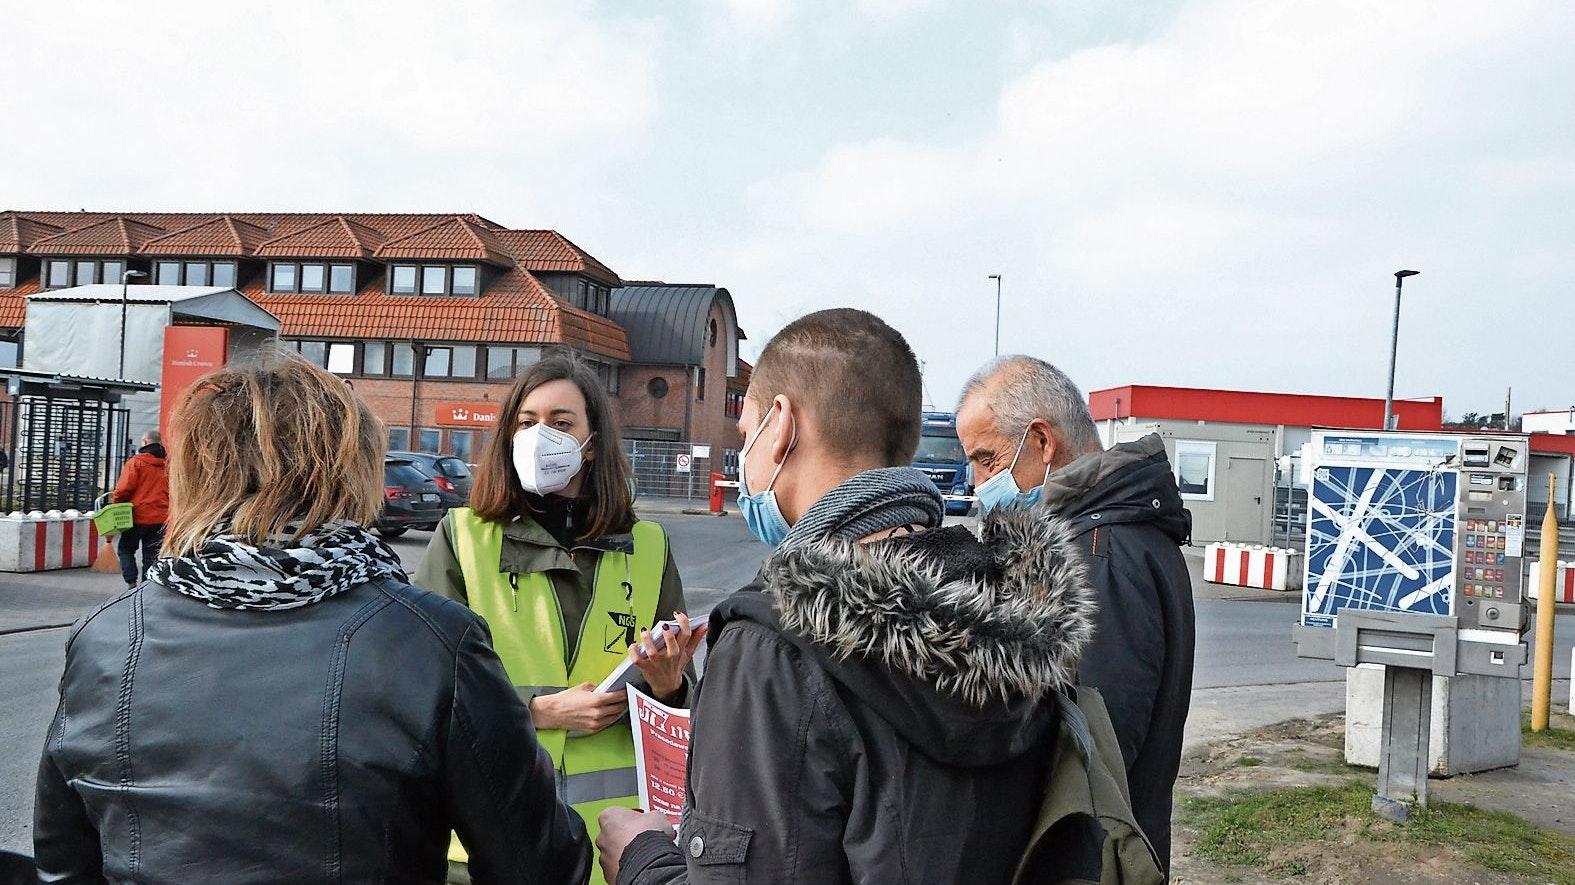 Vielsprachig: Eine Mitarbeiterin der Gewerkschaft informiert ausländische Beschäftigte von Danish Crown über den Stand der Tarifgespräche. Foto: Meyer